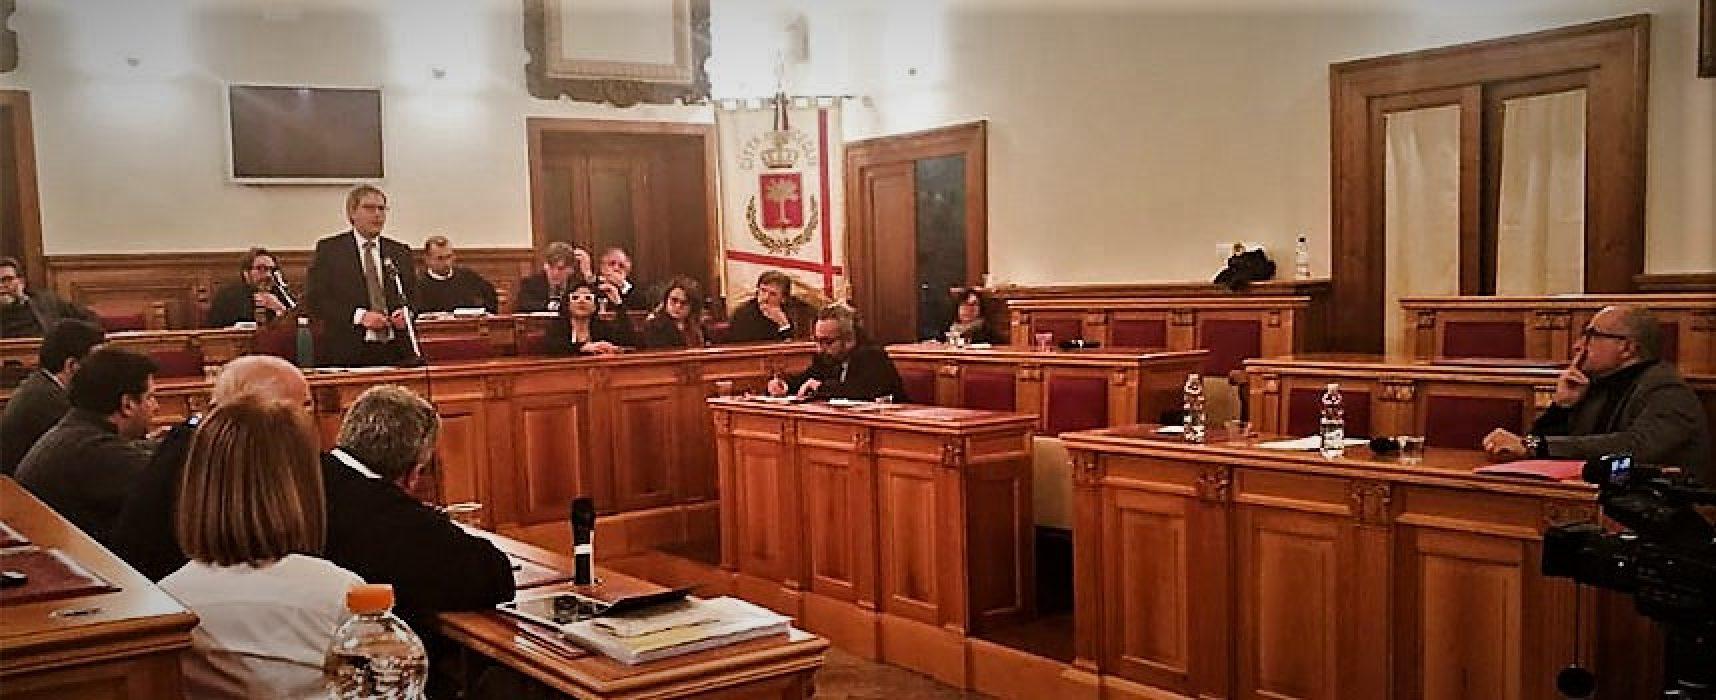 Consiglio comunale: discussi emendamenti aggiornamento Dup, cittadinanza onoraria a Liliana Segre